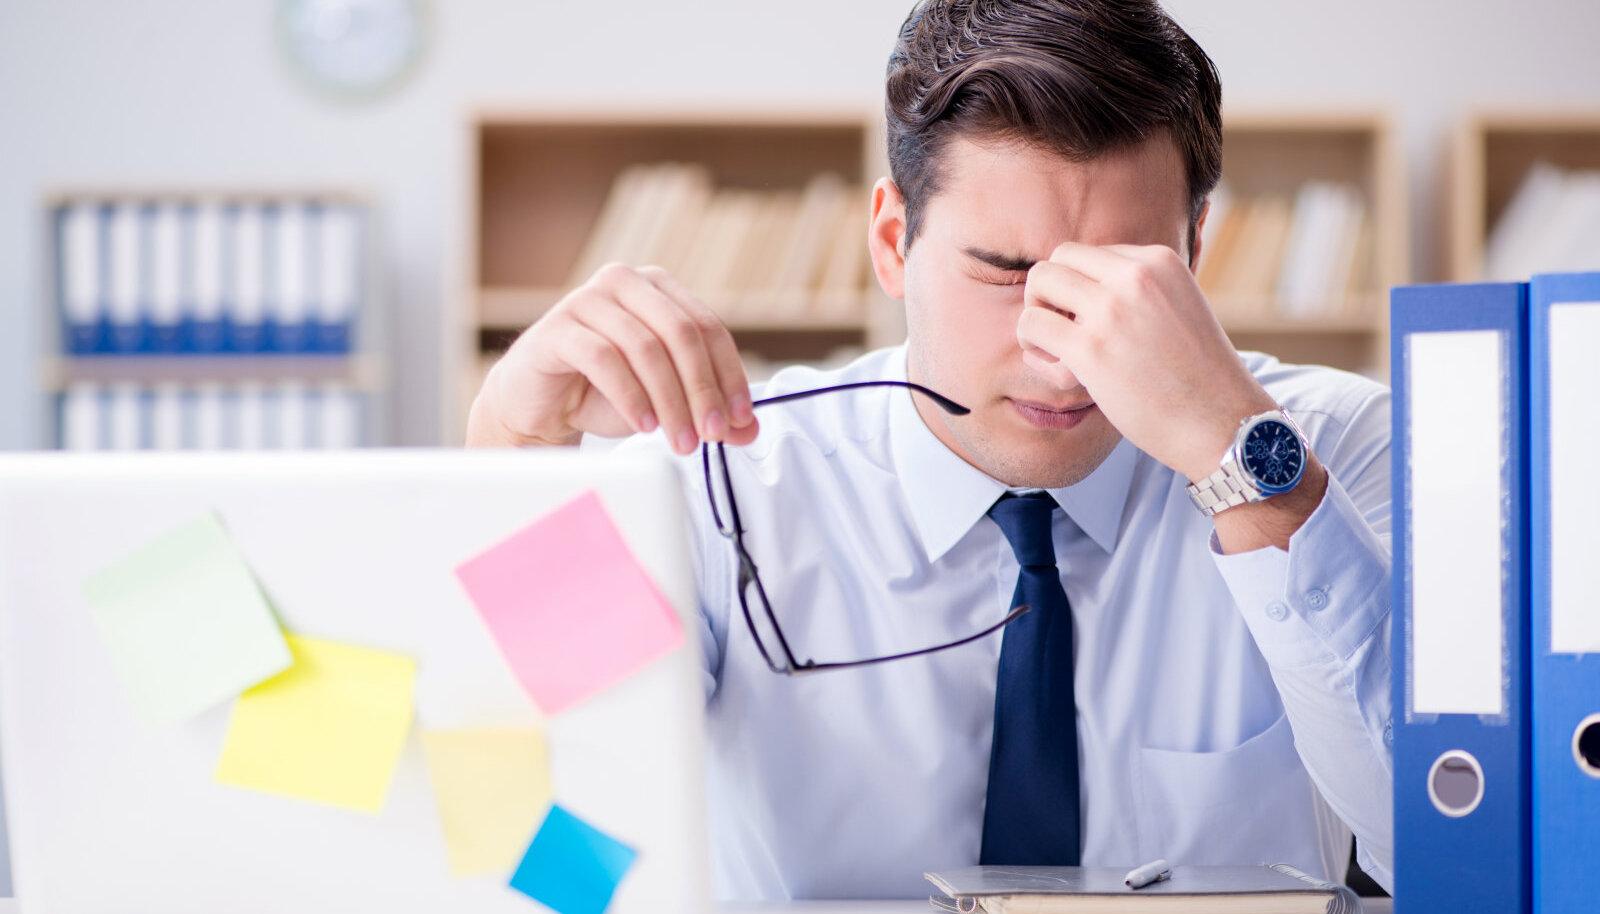 Töötajal on õigus ületunnitöö tegemisest keelduda